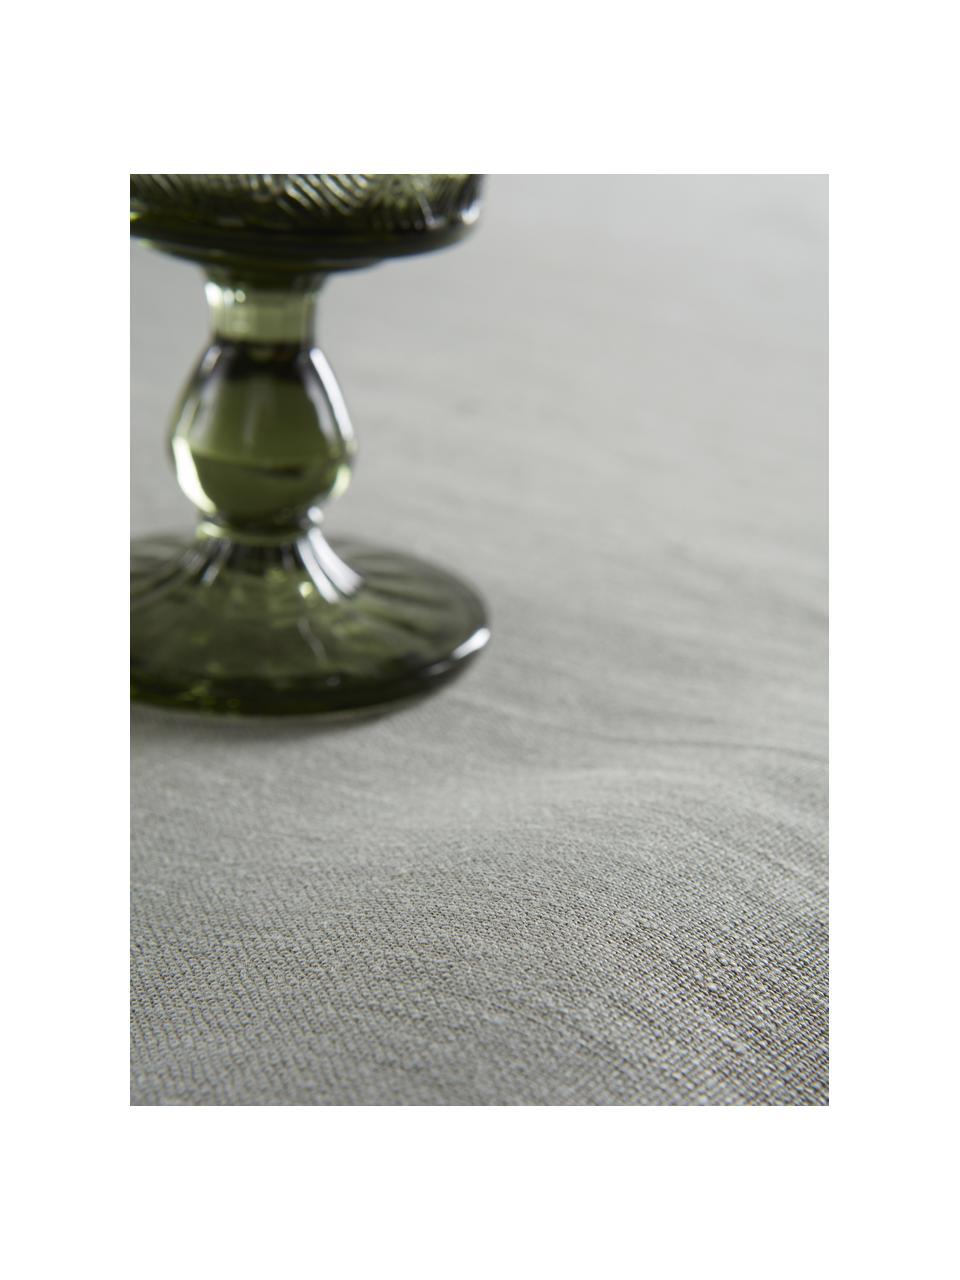 Leinen-Tischdecke Heddie in Graugrün, 100% Leinen, Graugrün, Für 4 - 6 Personen (B 145 x L 200 cm)